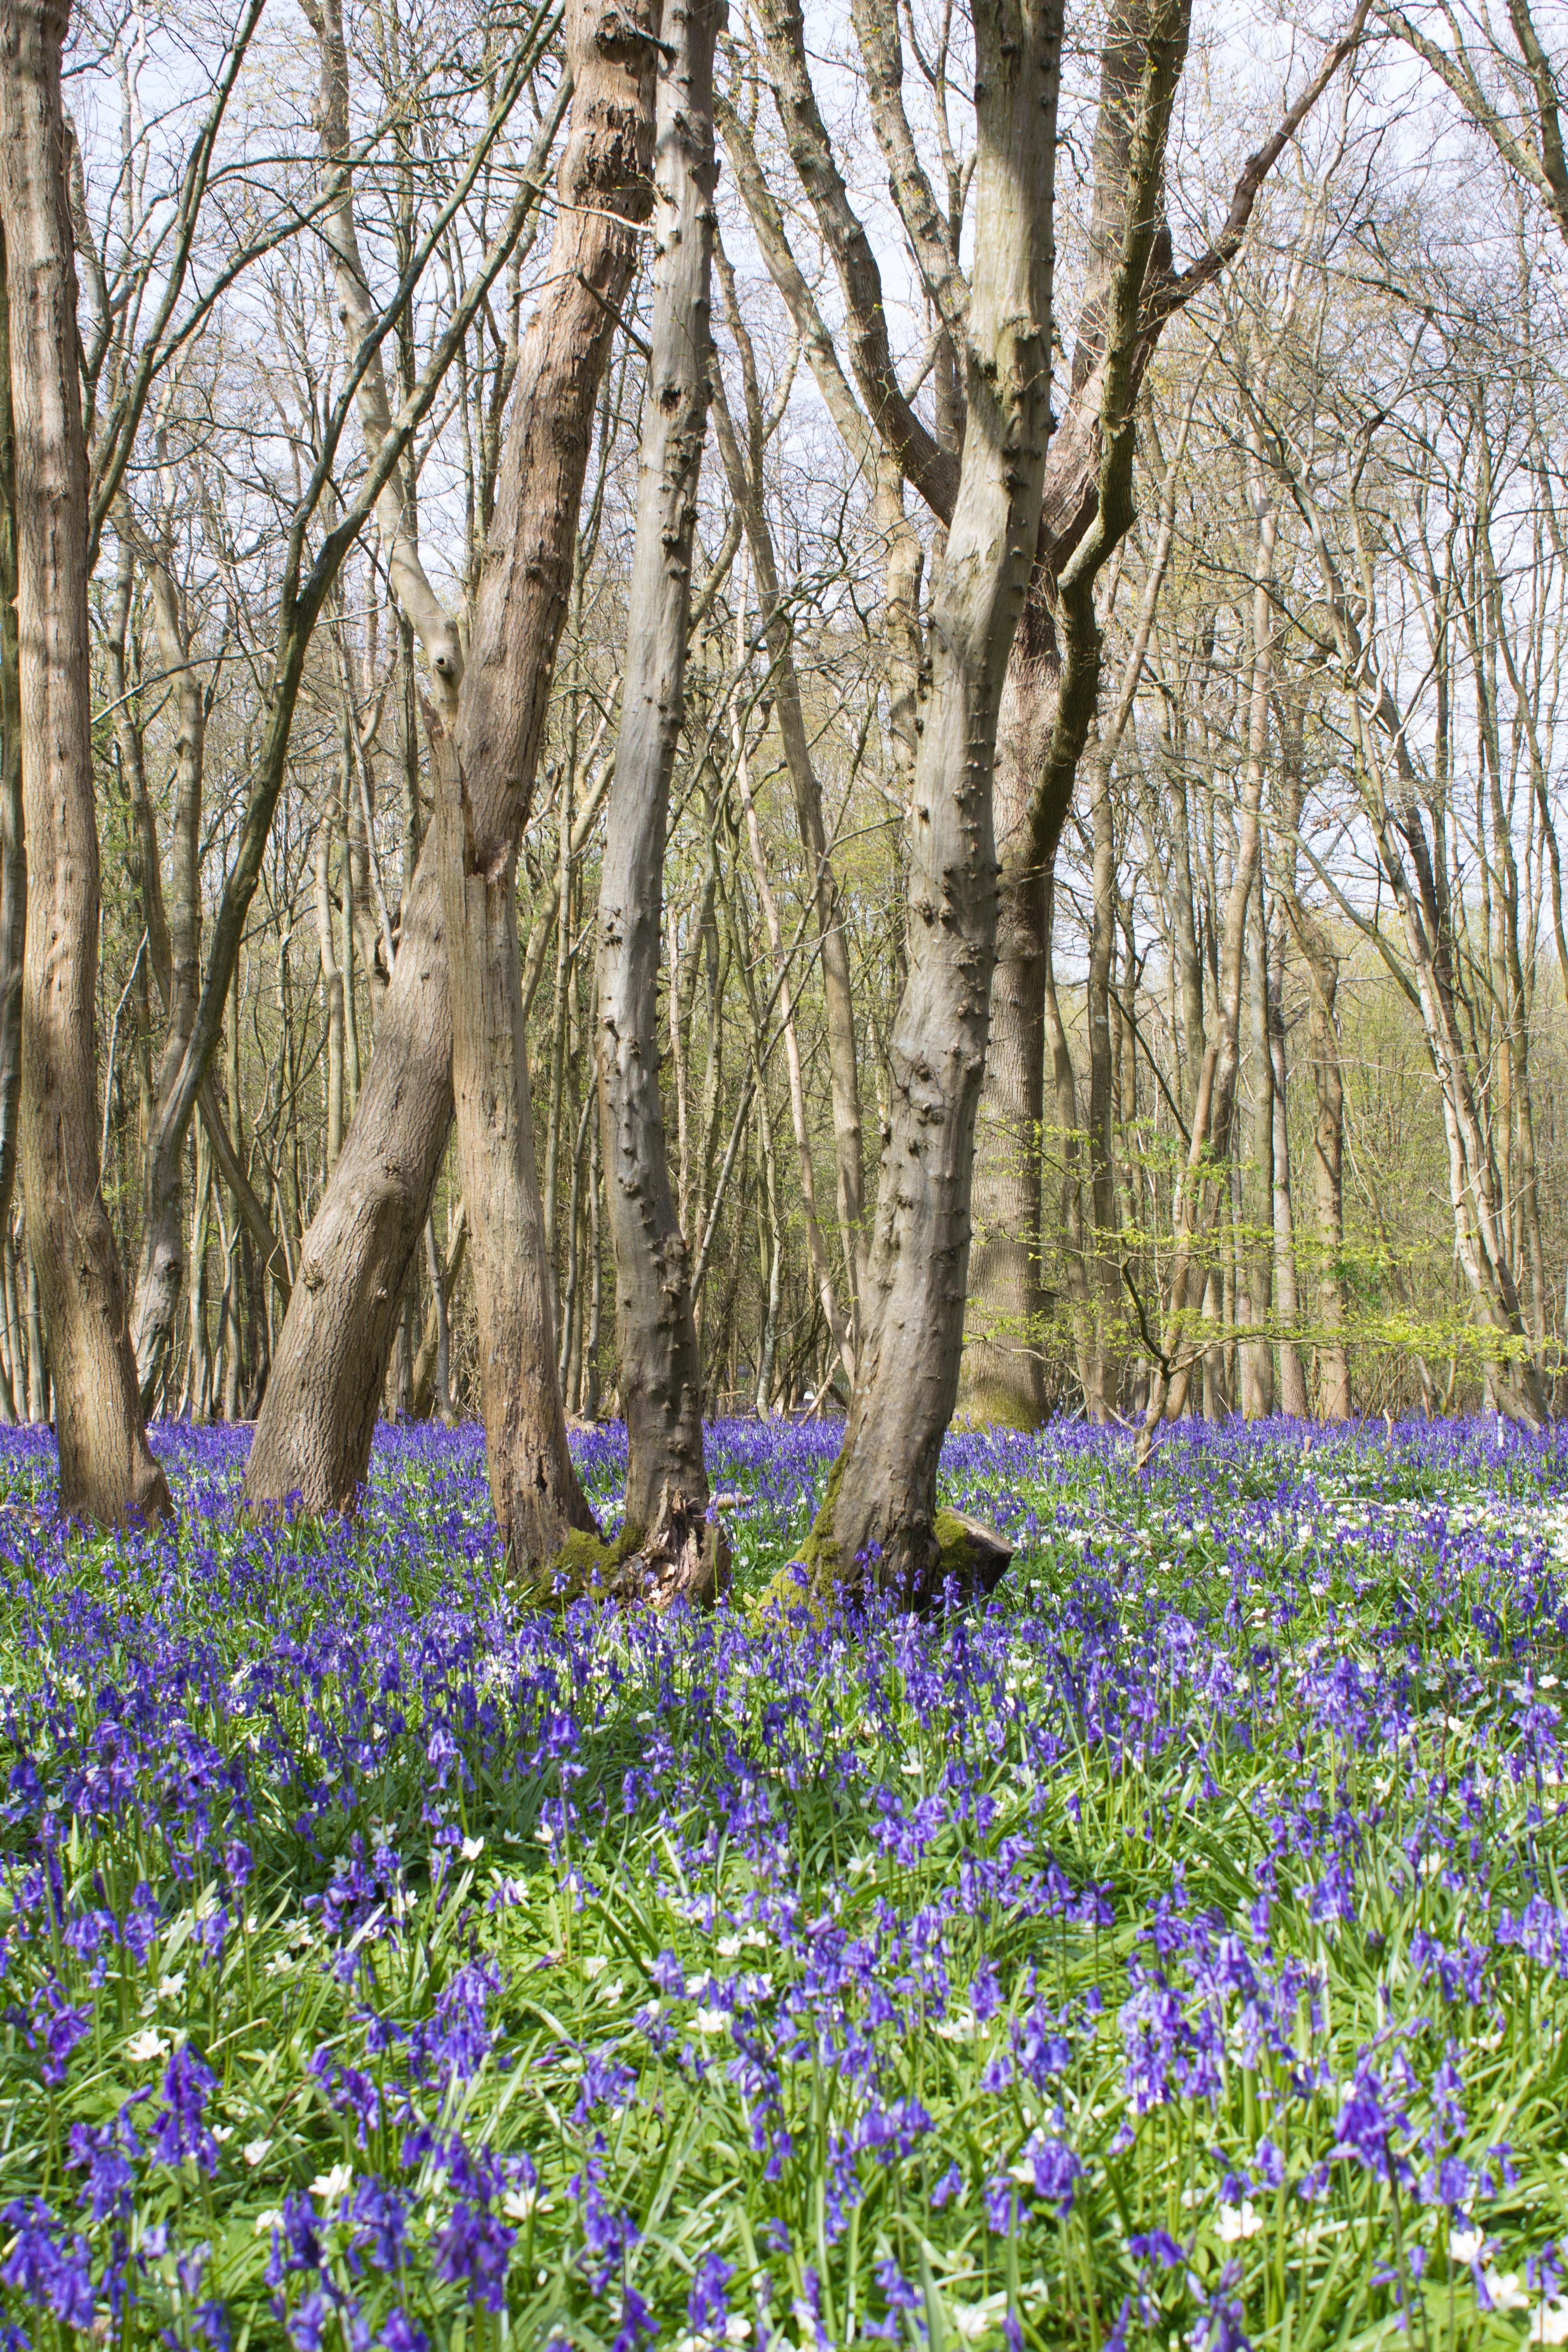 Fleur De Sous Bois Bleue images gratuites : paysage, arbre, la nature, forêt, fleur